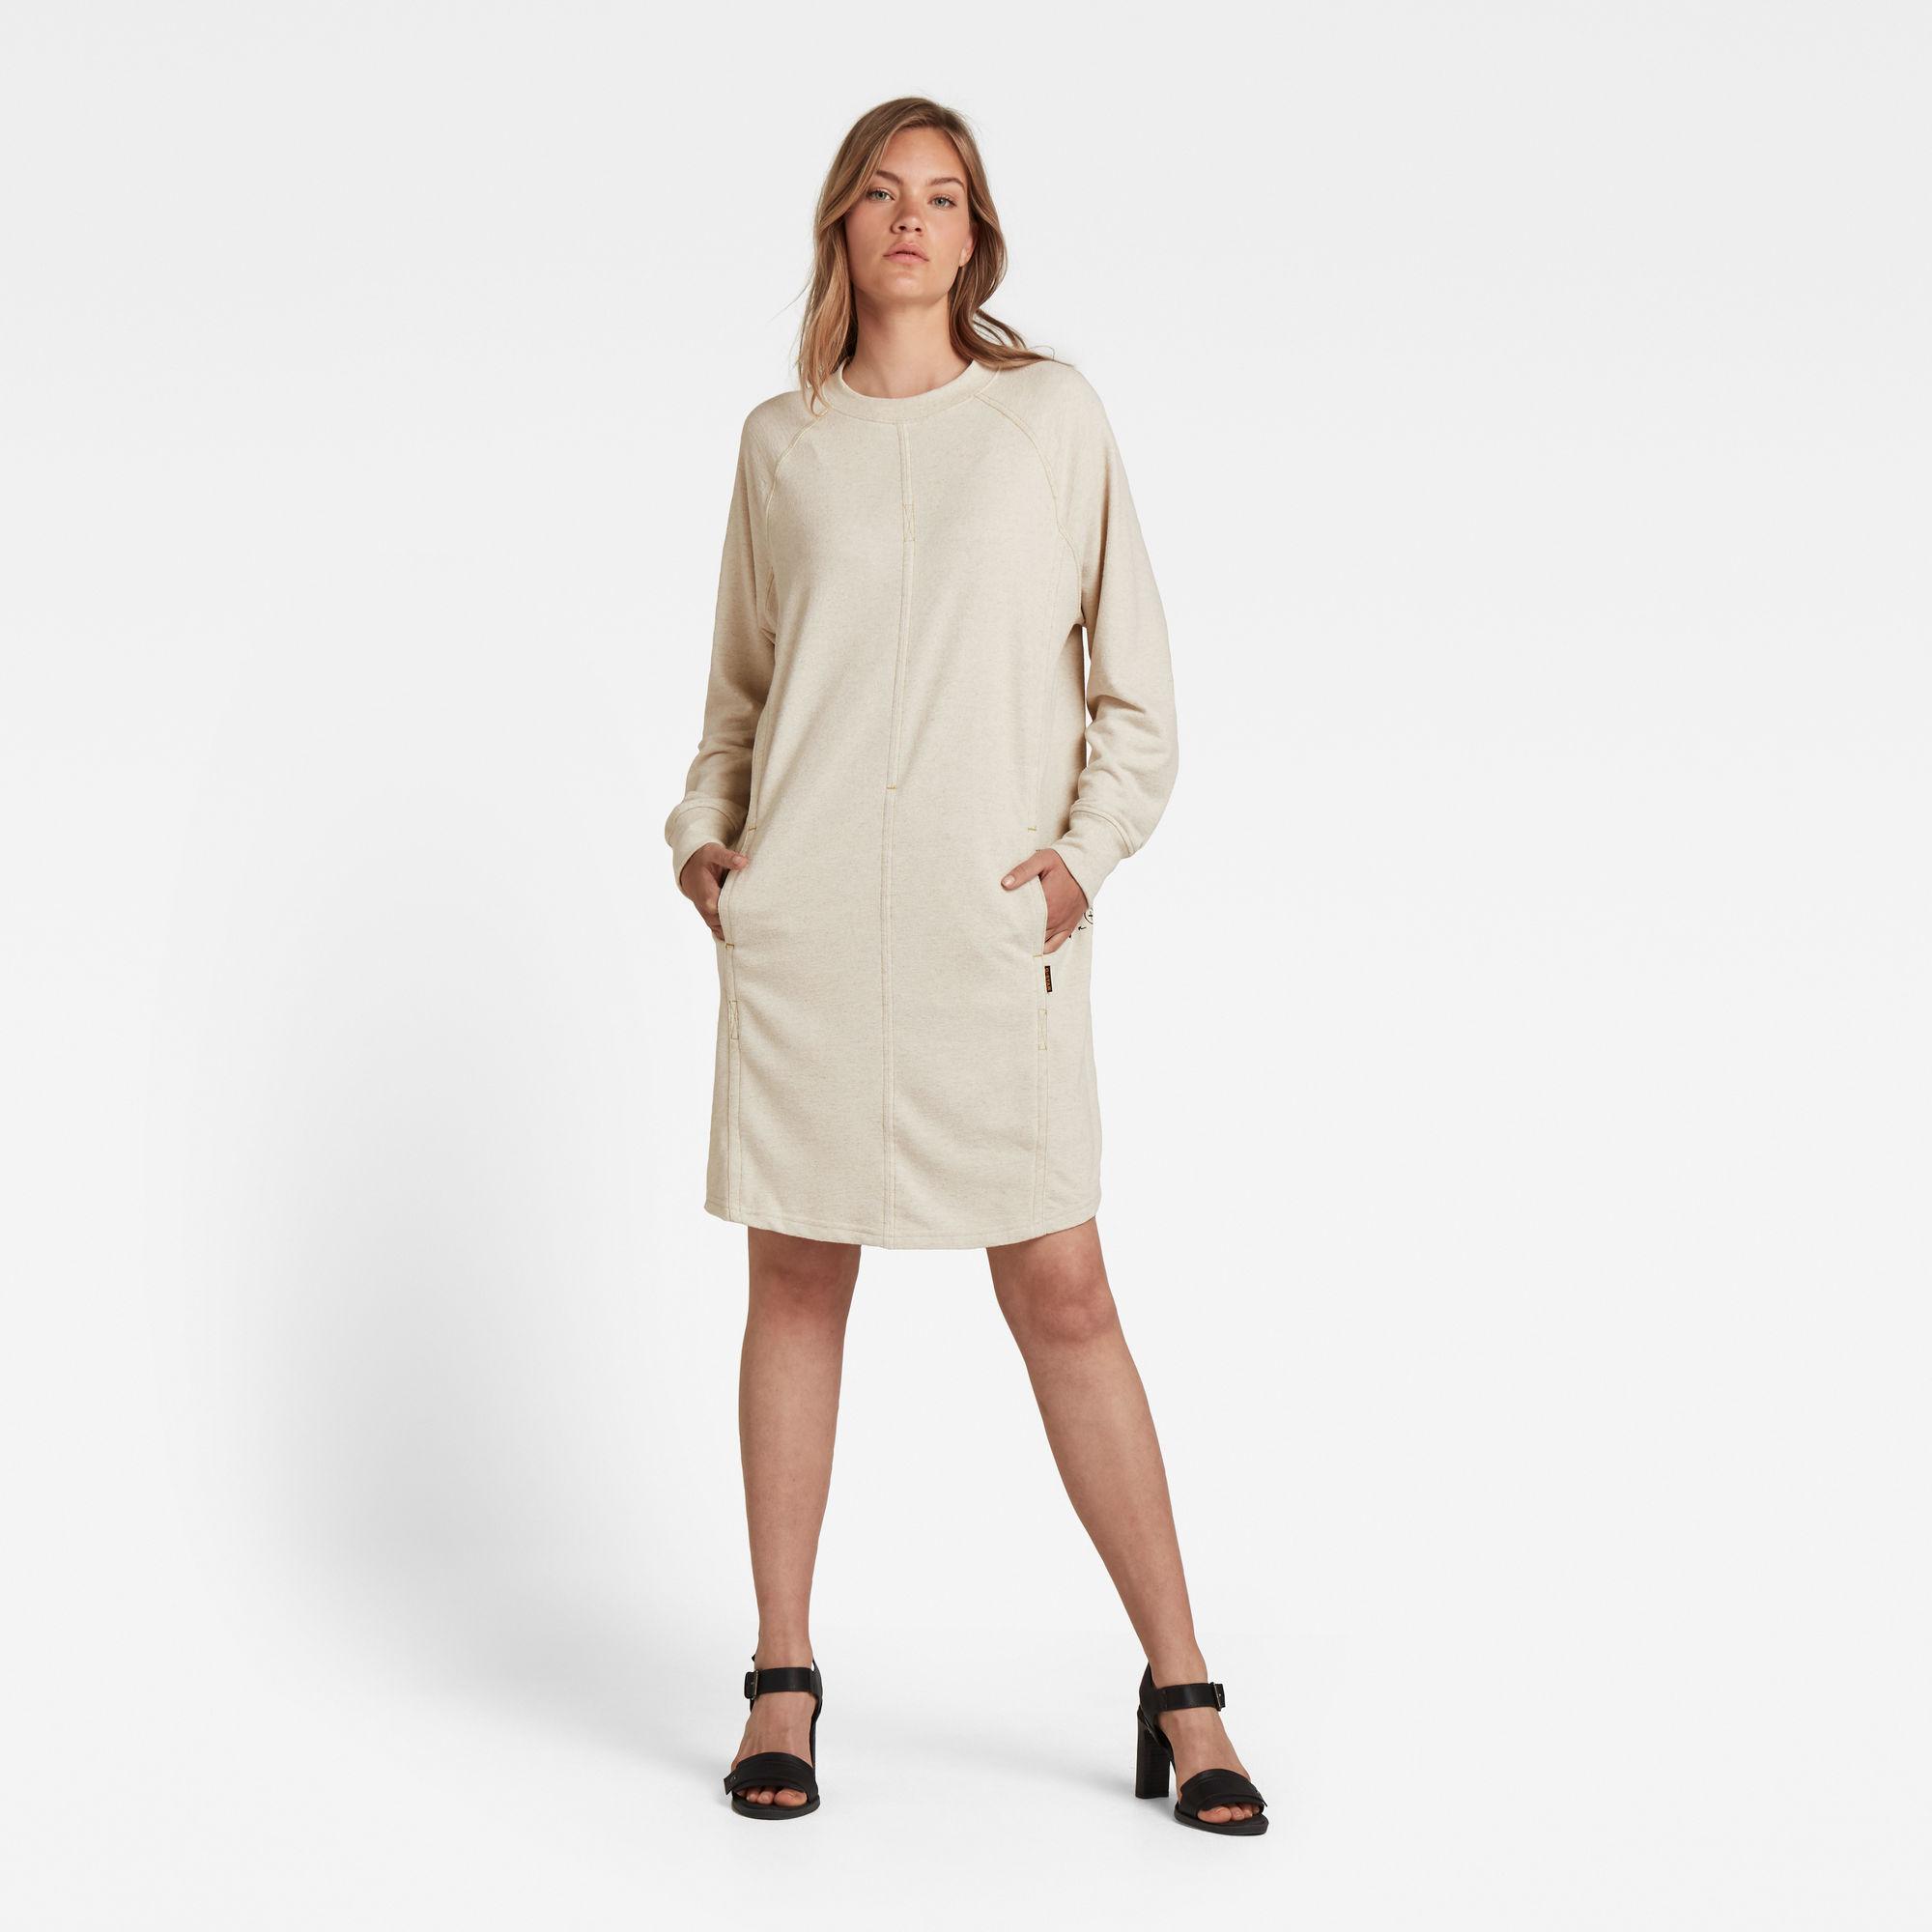 G-Star RAW Dames Tweater Jurk Graphic Pocket Beige